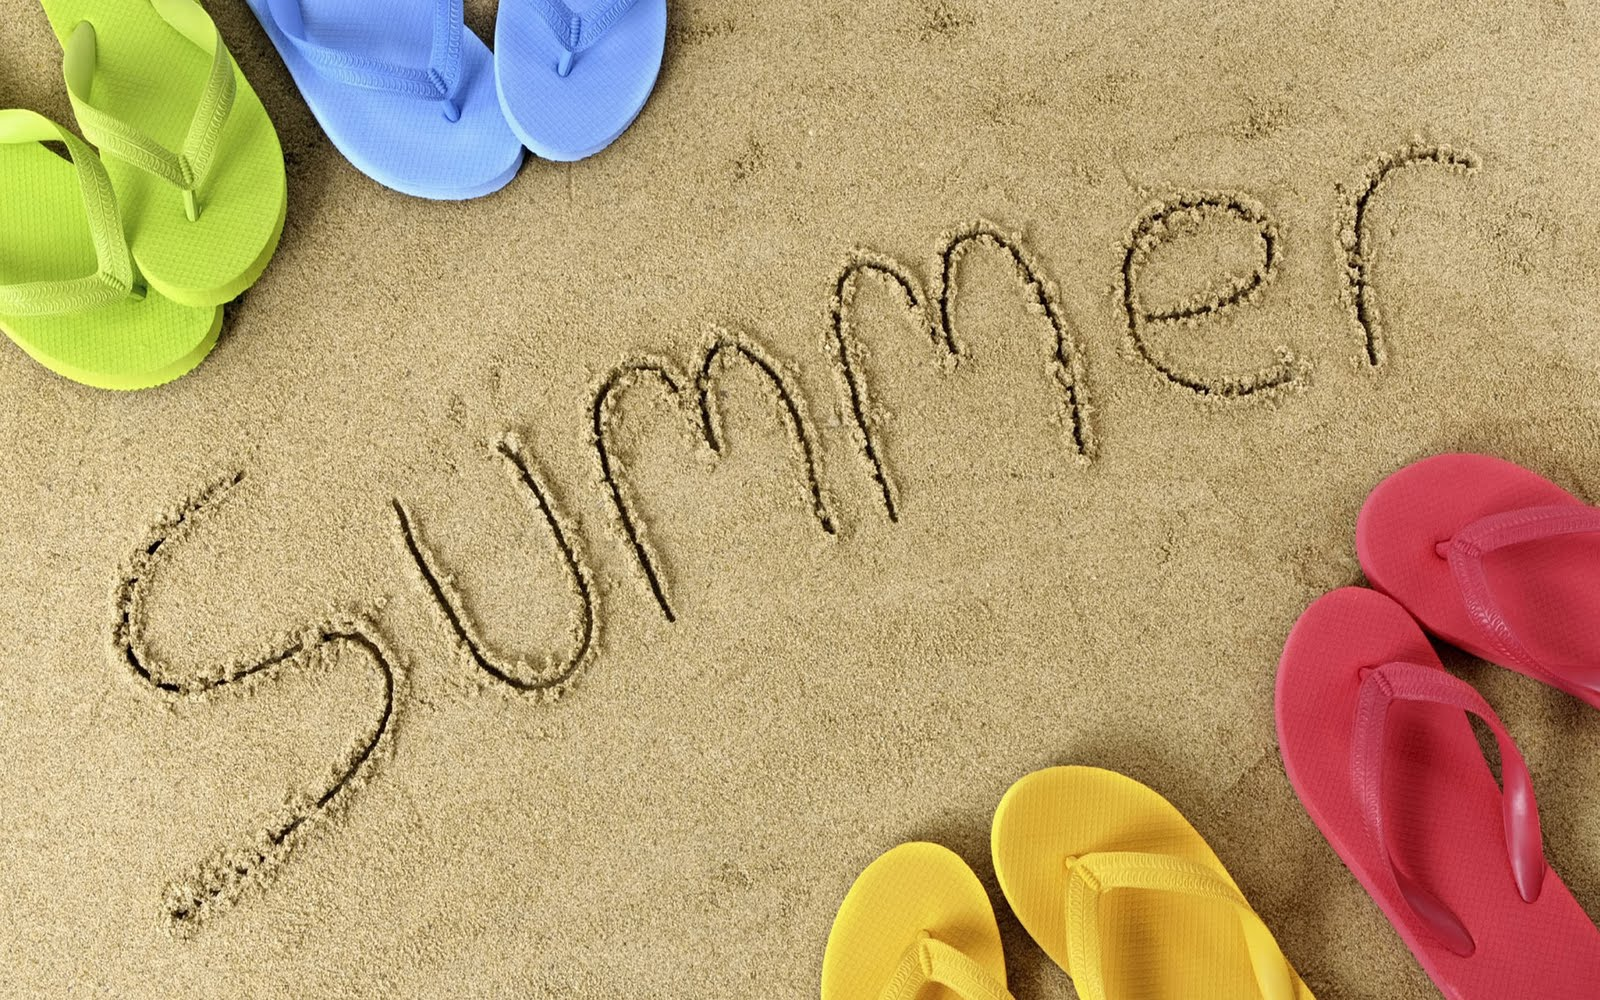 http://3.bp.blogspot.com/-7Mh8ddIsME0/Ti00Q8wGNAI/AAAAAAAAMHQ/Kud9GQWdM8w/s1600/Mooie-zomer-achtergronden-hd-wallpaper-zomer-wallpapers-1.jpg